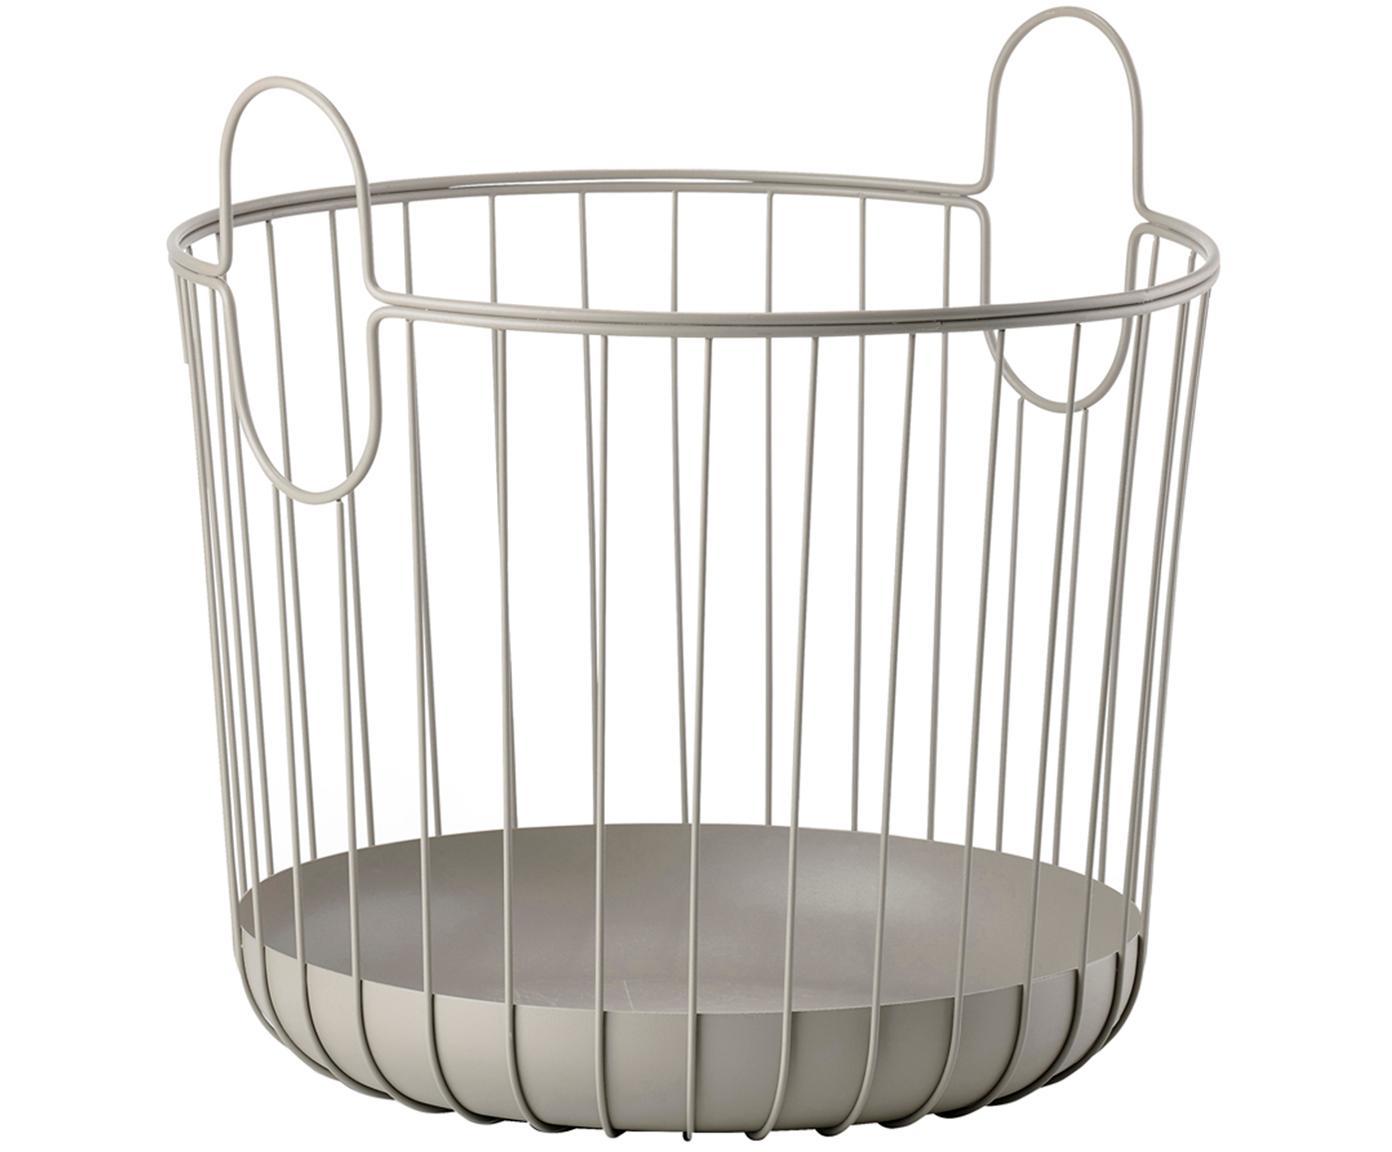 Kosz do przechowywania Ina, Metal, Brązowy, Ø 30 x W 31 cm